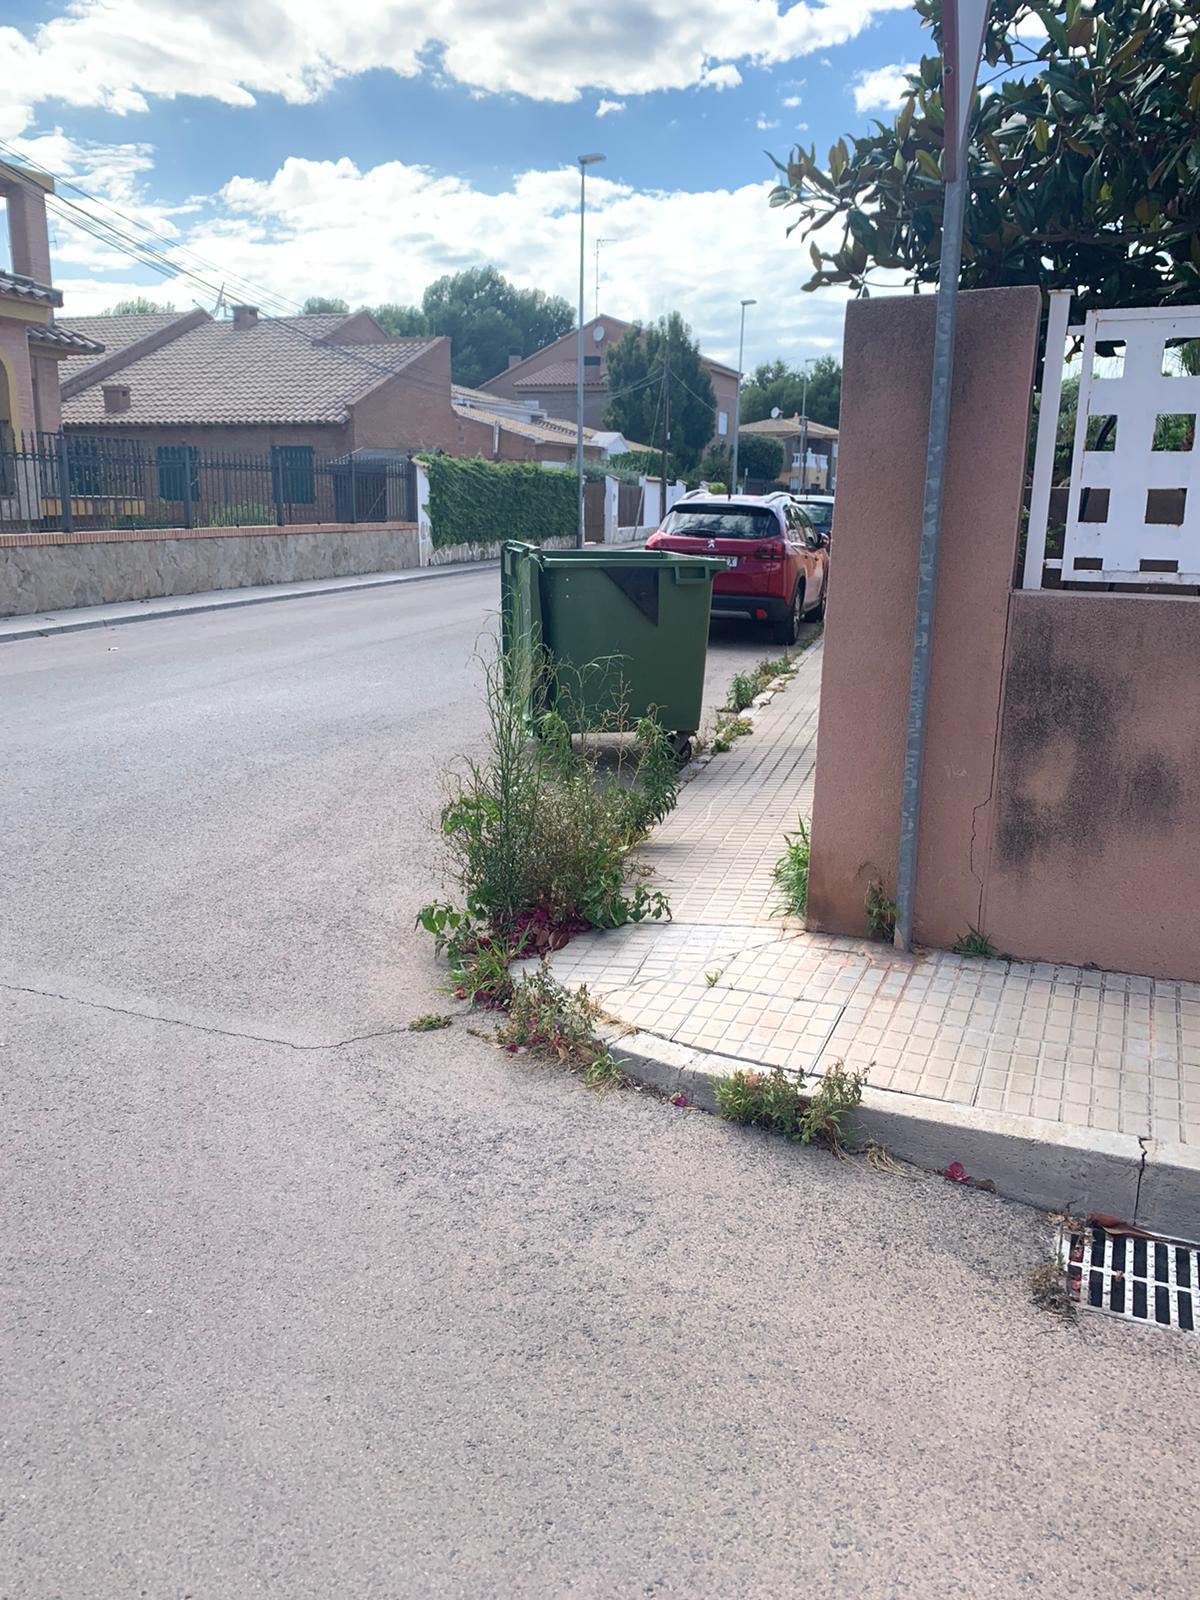 El PP de Almassora plantea un plan de adecuación de aceras para garantizar la seguridad a los peatones